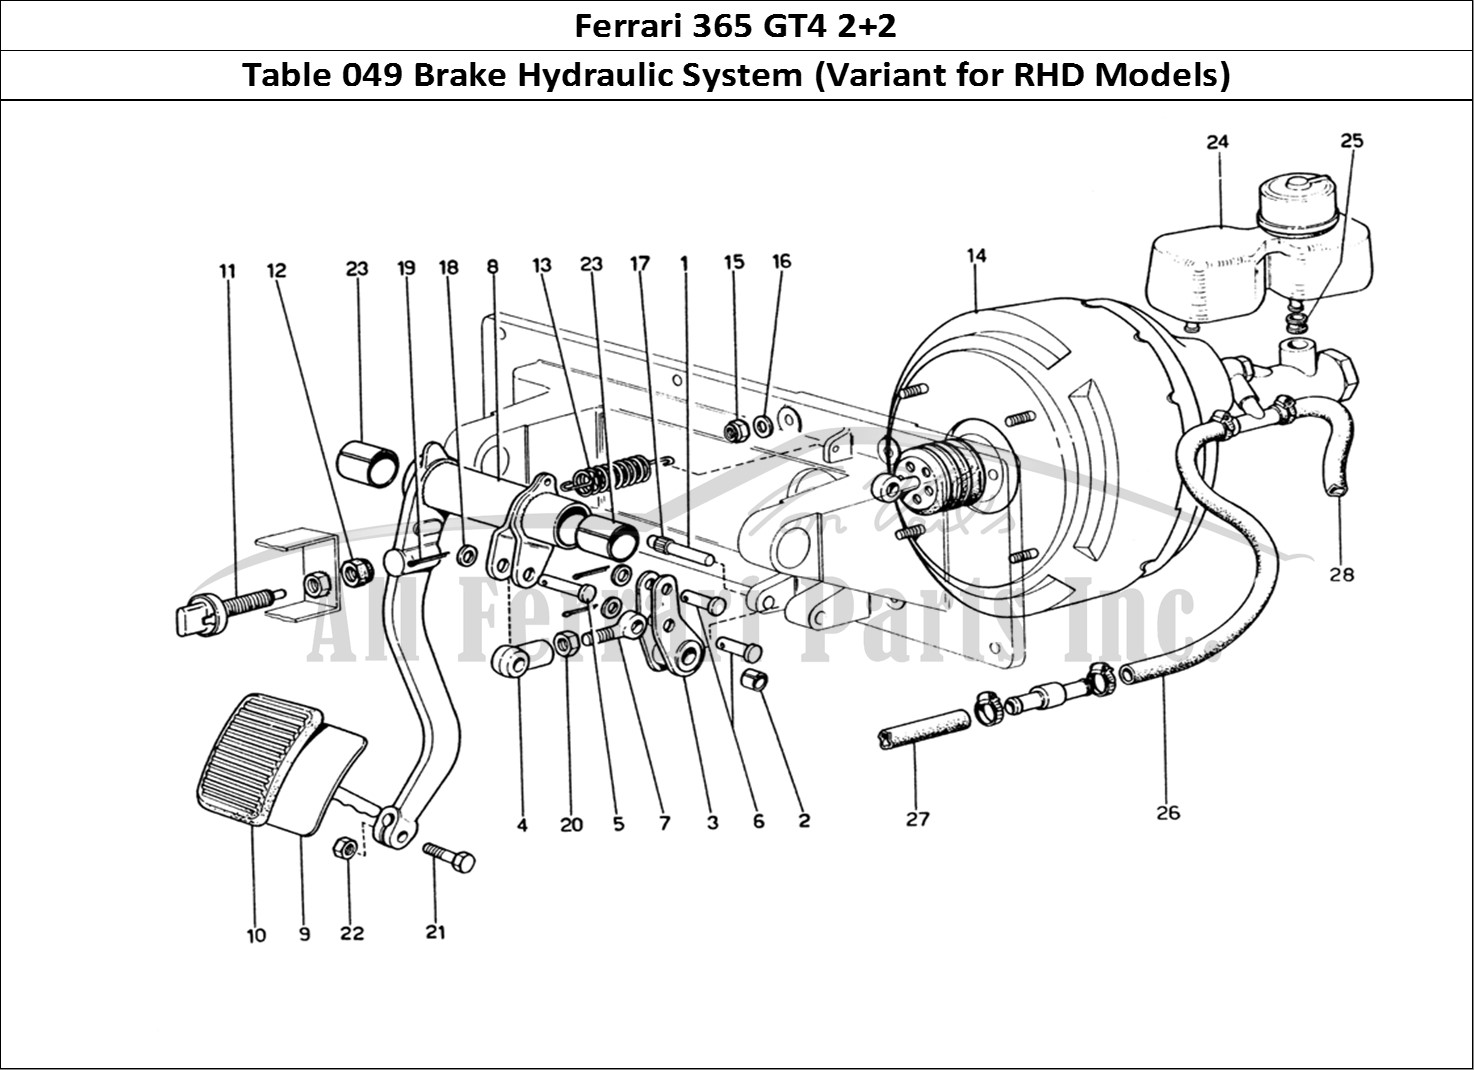 Buy original Ferrari 365 GT4 2+2 049 Brake Hydraulic System